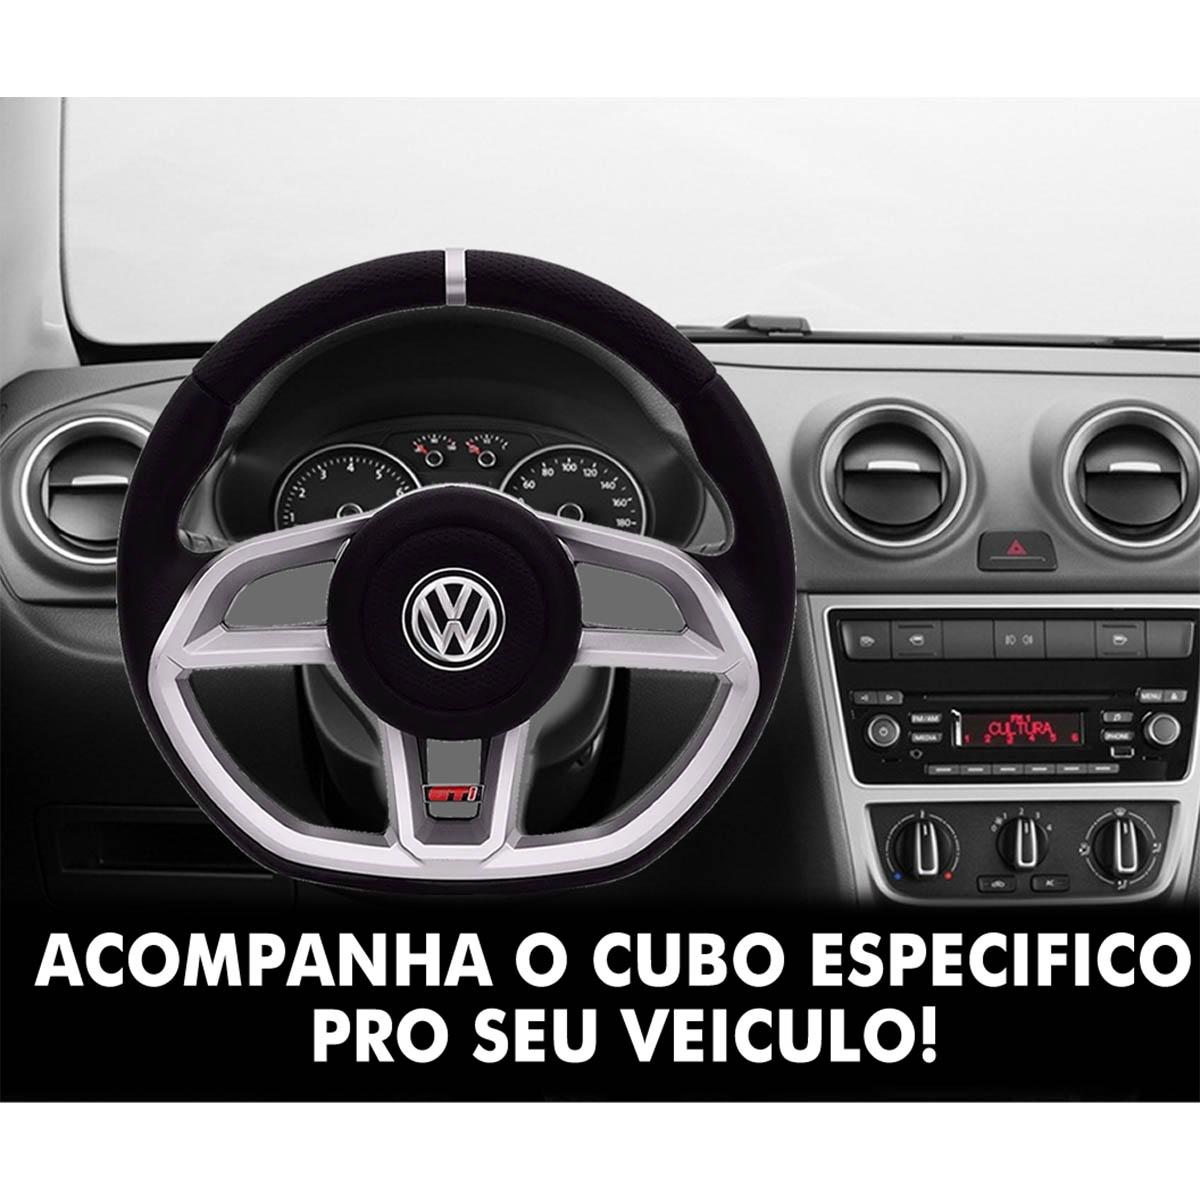 Volante Volkswagen Gti Esportivo Cubo Atacado Poliparts